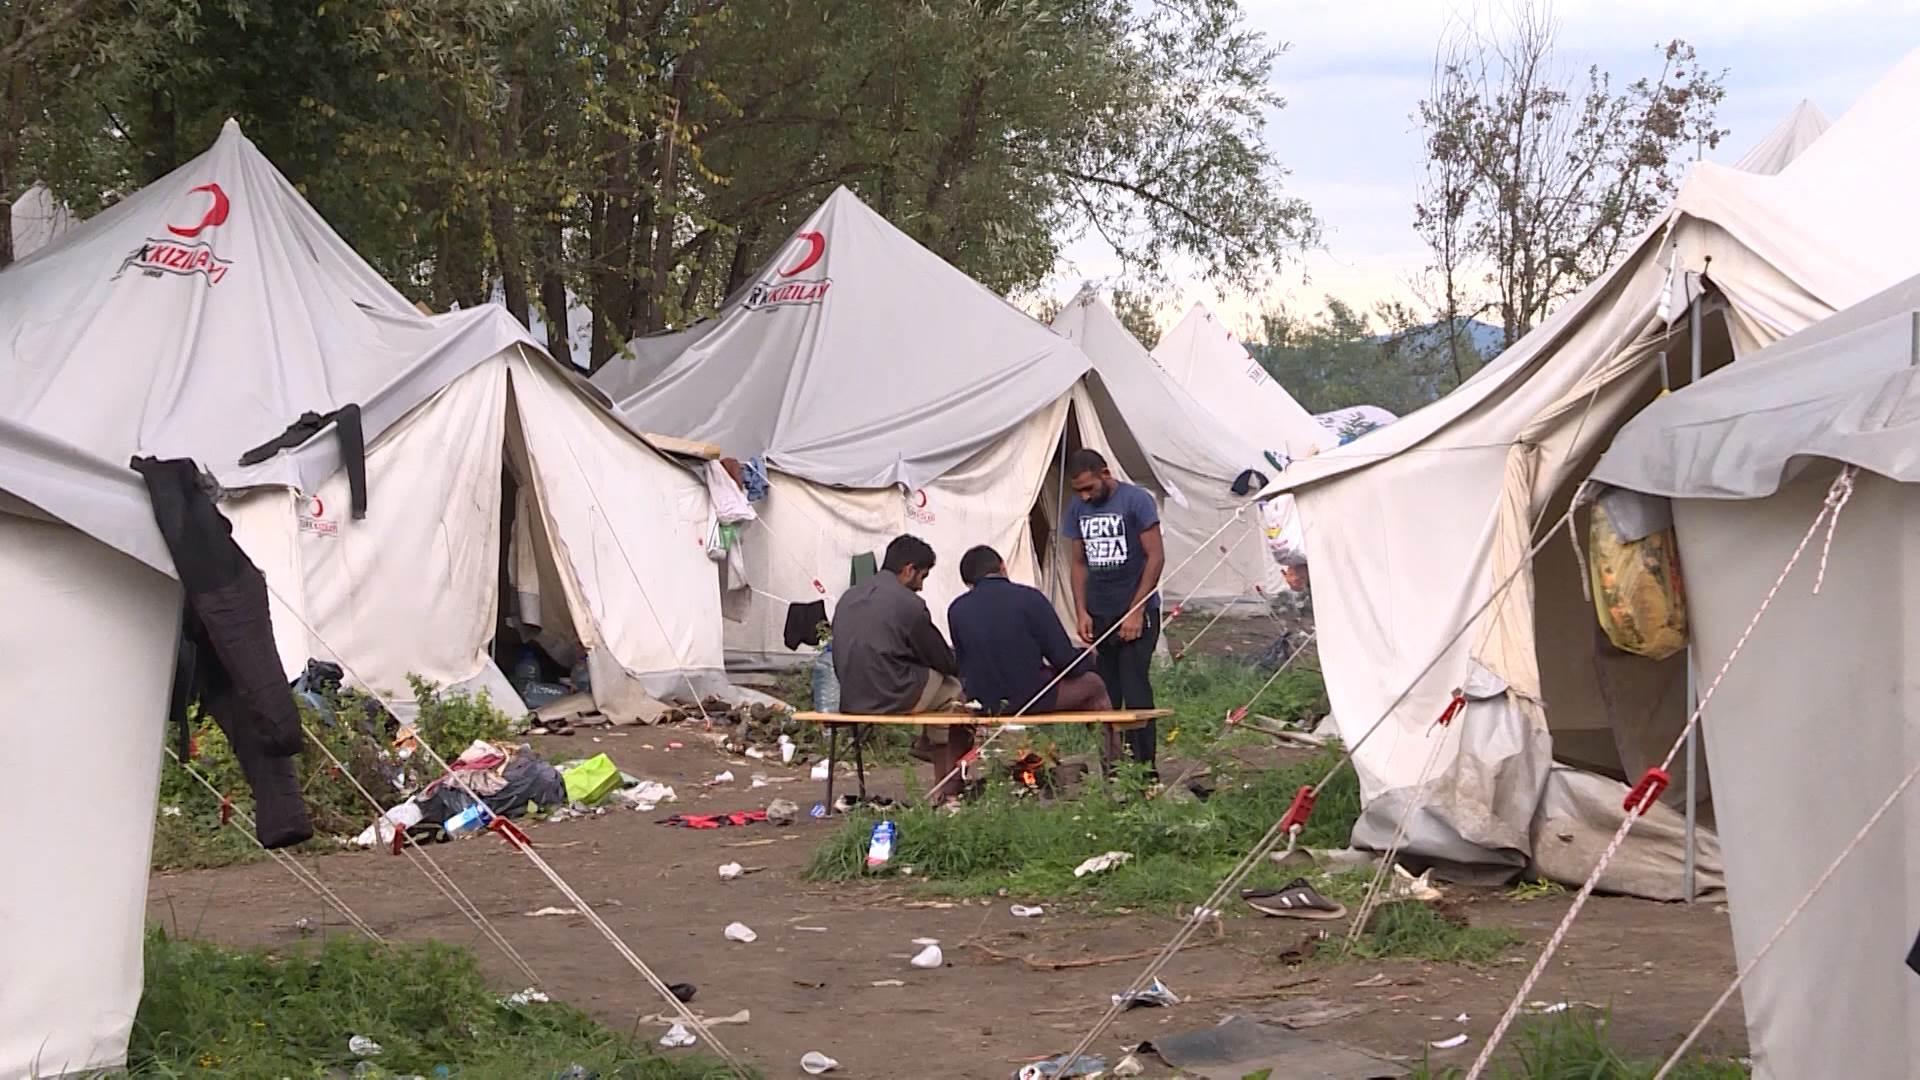 Migrants in BiH await the winter under harsh conditions